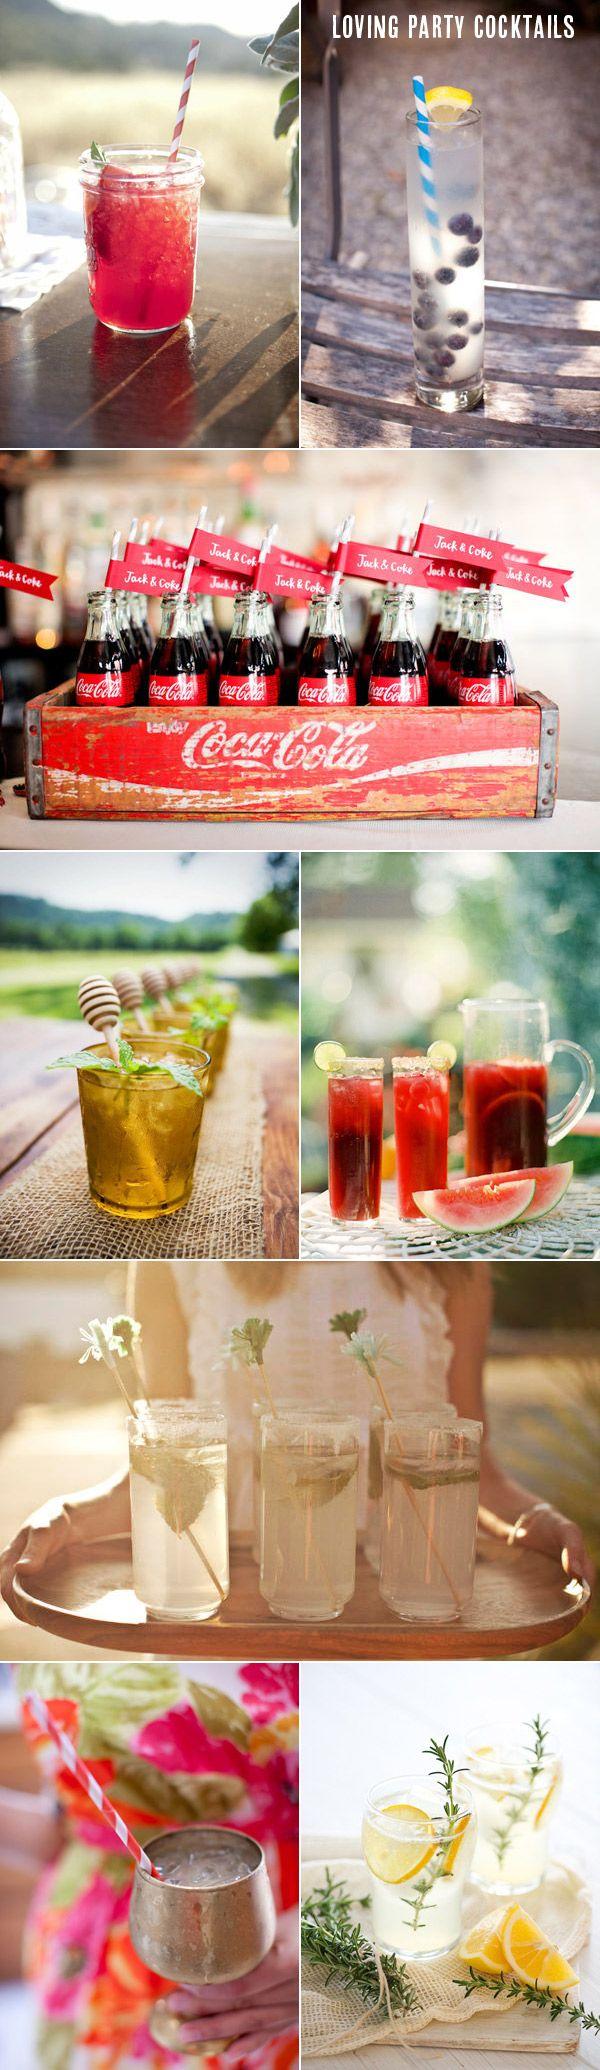 Party Cocktails Ideas Part - 47: Loving Party Cocktails